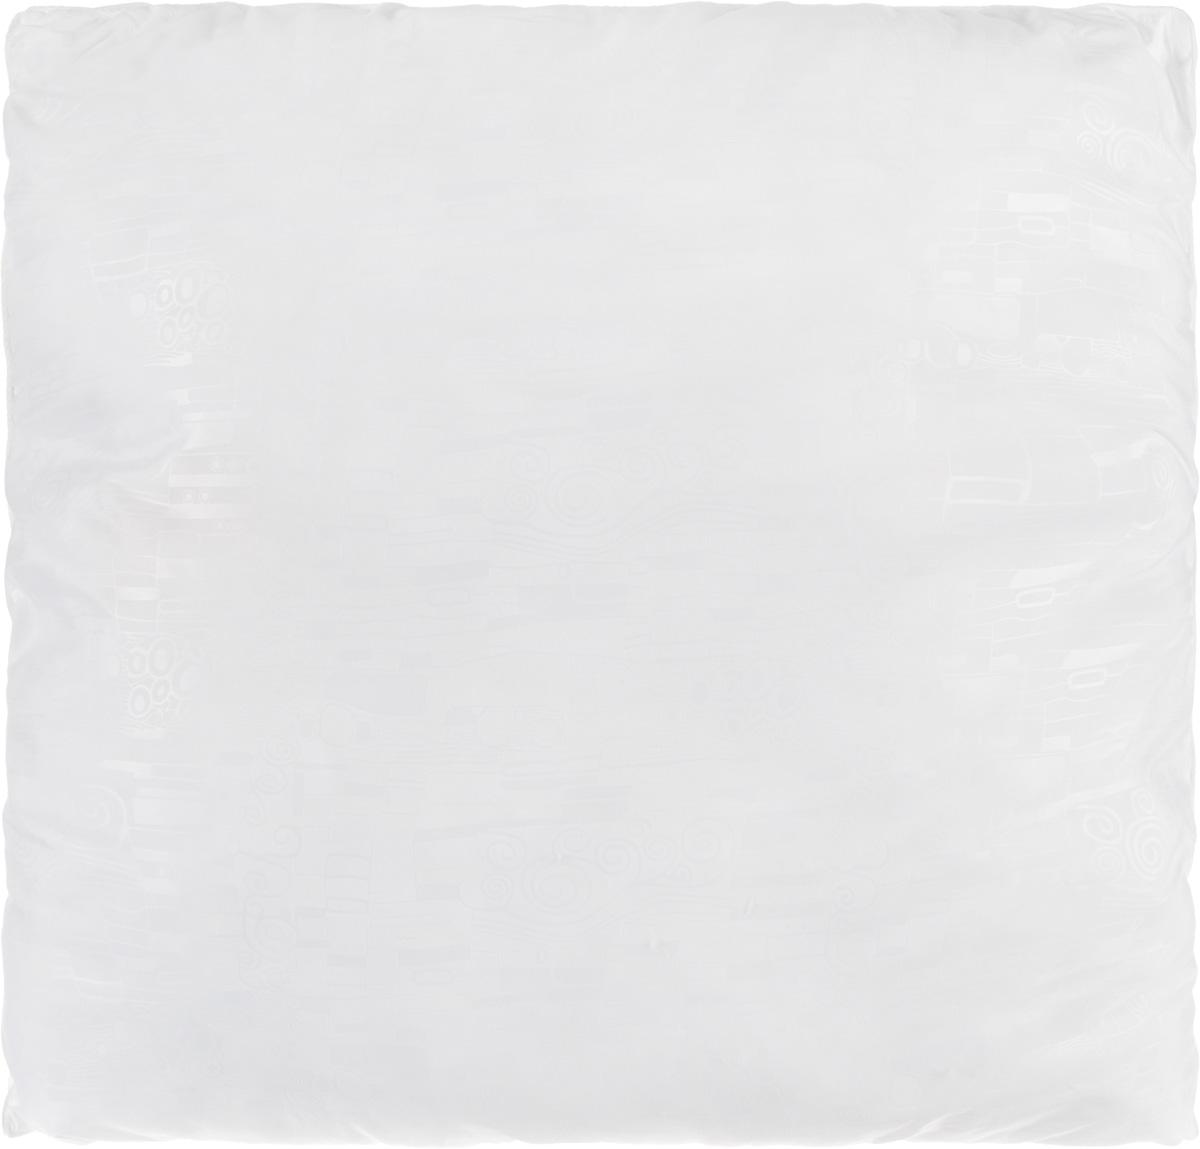 Подушка Smart Textile Безмятежность, наполнитель: лебяжий пух, бамбук, цвет: белый, 70 х 70 смНВЛ-40 CafeУдобная и мягкая подушка Smart Textile Безмятежность подарит здоровый сон и отличный отдых. Чехол подушки на молнии выполнен из микрофибры с красивым узором. В качестве наполнителя используется лебяжий пух с добавлением бамбукового волокна. Подушка мягкая, легкая и воздушная, бамбуковый наполнитель напоминает вату или синтепон. Лебяжий пух - это 100% сверхтонкое высокосиликонизированное волокно. Такой наполнитель мягкий и приятный на ощупь. Гипоаллергенное волокно бамбука легко пропускает воздух и не вызывает потливости. Оно мгновенно впитывает влагу и быстро высыхает, что особенно важно в летний зной. Подушка удобна в эксплуатации: легко стирается, быстро сохнет, сохраняя первоначальные свойства, устойчива к воздействию прямых солнечных лучей, износостойка и прочна. Подушка не накапливает запахов и не требует химчистки. Подушка упруга, великолепно держит форму, а также отличается достаточной жесткостью. Сон на такой подушке не принесет болей в шее и позвоночнике. Изделие также обладает высокой теплоизоляционной способностью - не вызывает перегрева головы.